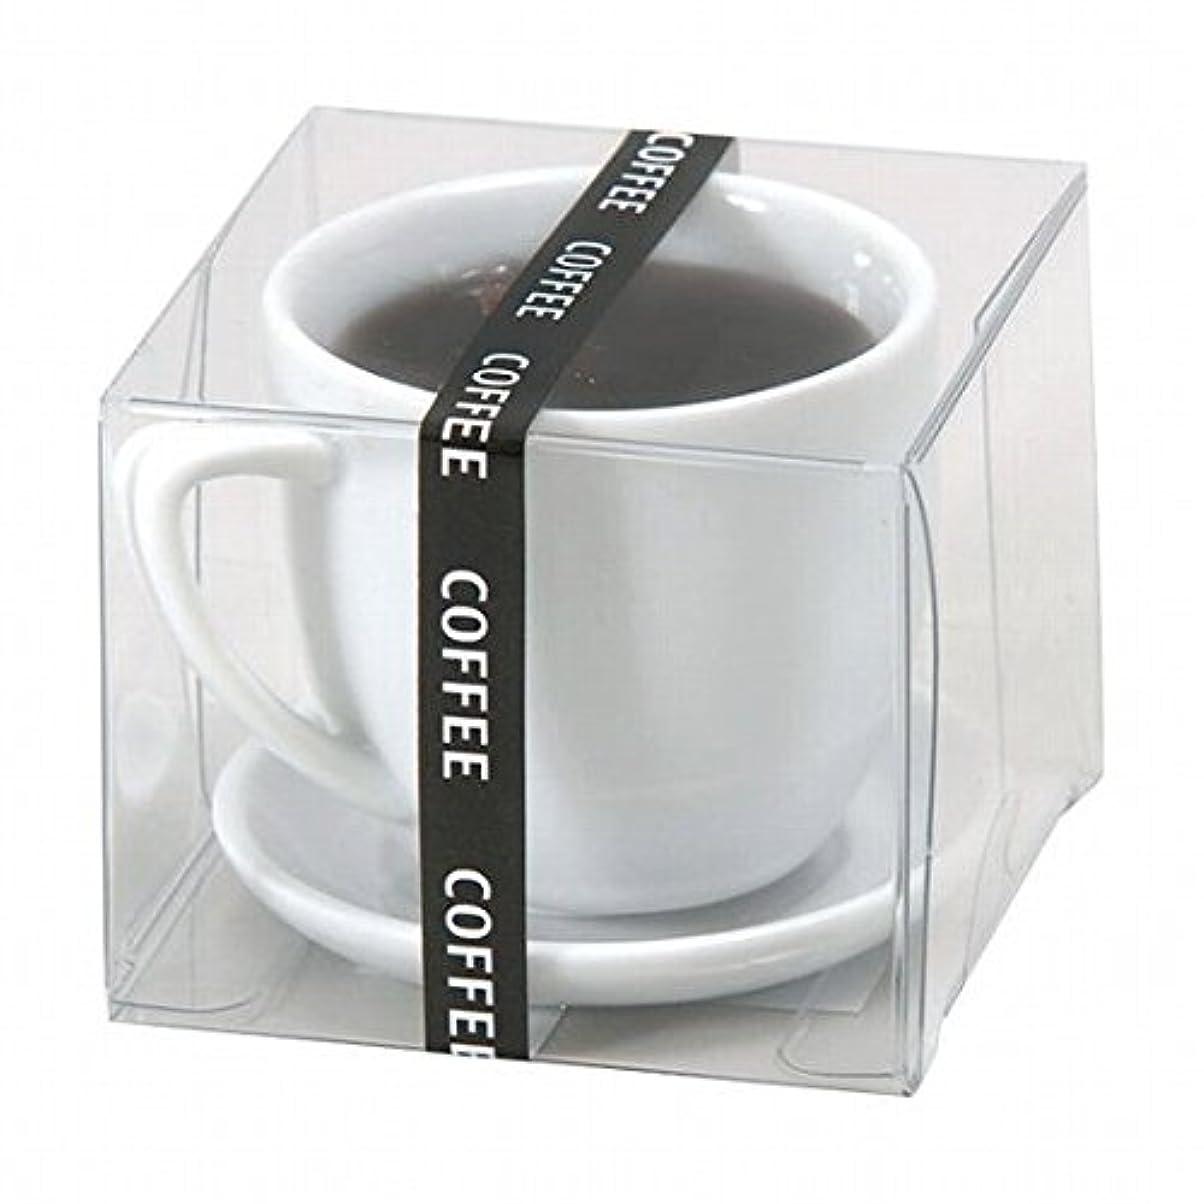 レクリエーションホールド出撃者kameyama candle(カメヤマキャンドル) ホットコーヒー キャンドル(55890000)